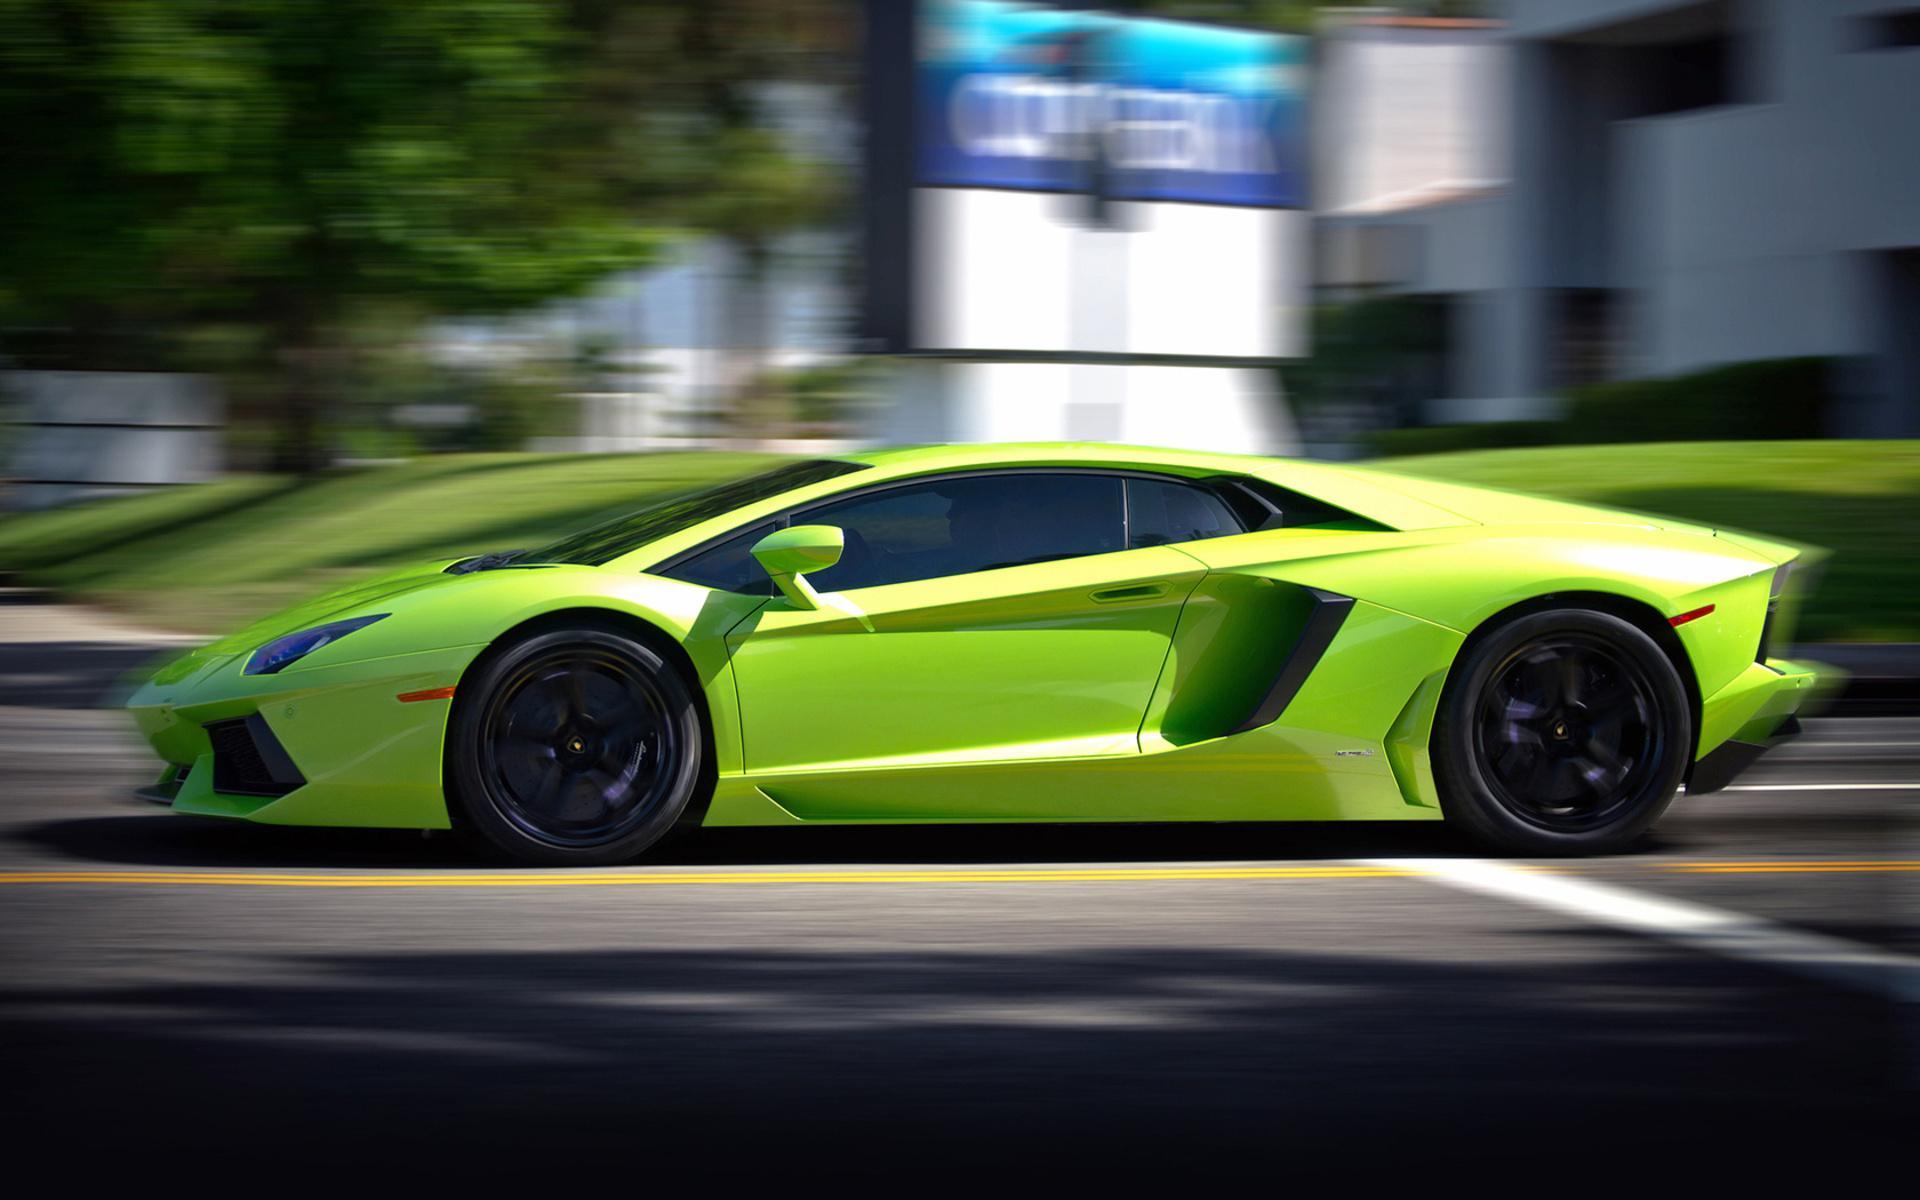 Green Aventador Street